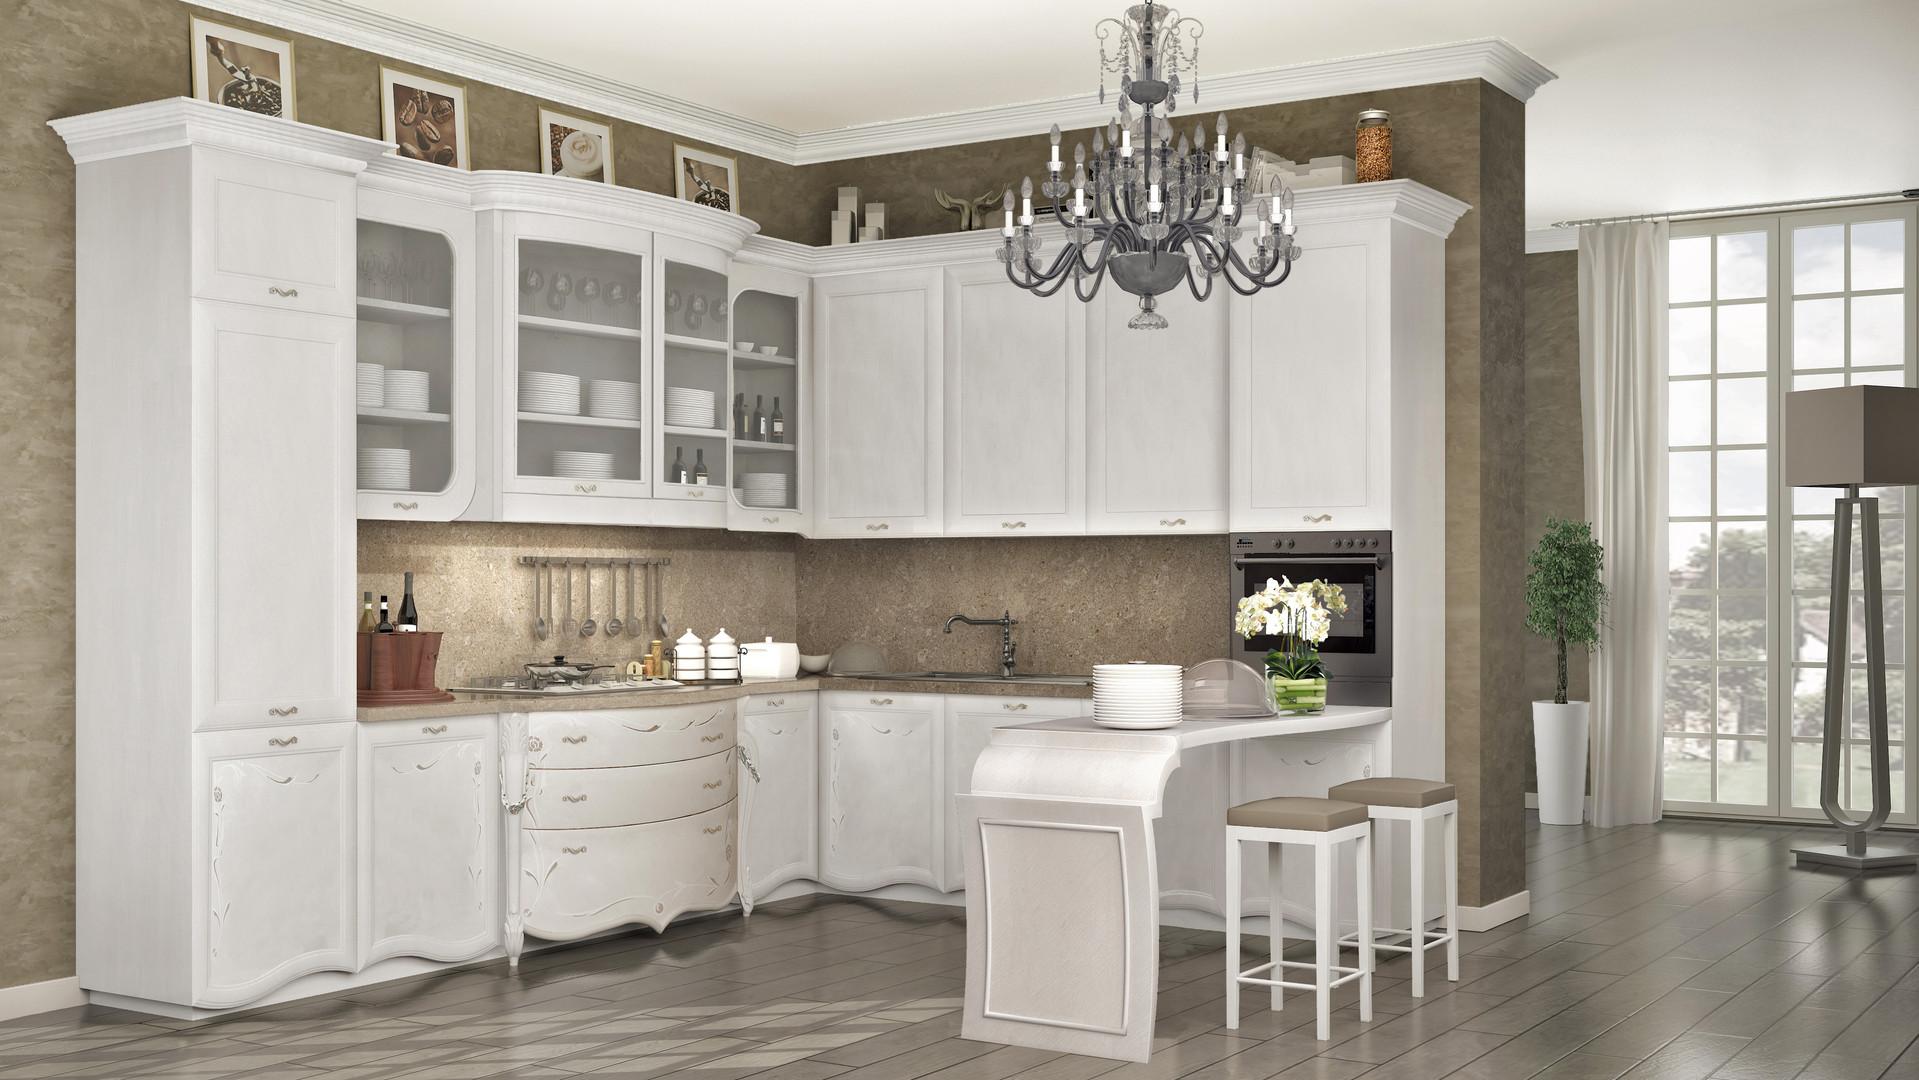 cucina 2_02.jpg